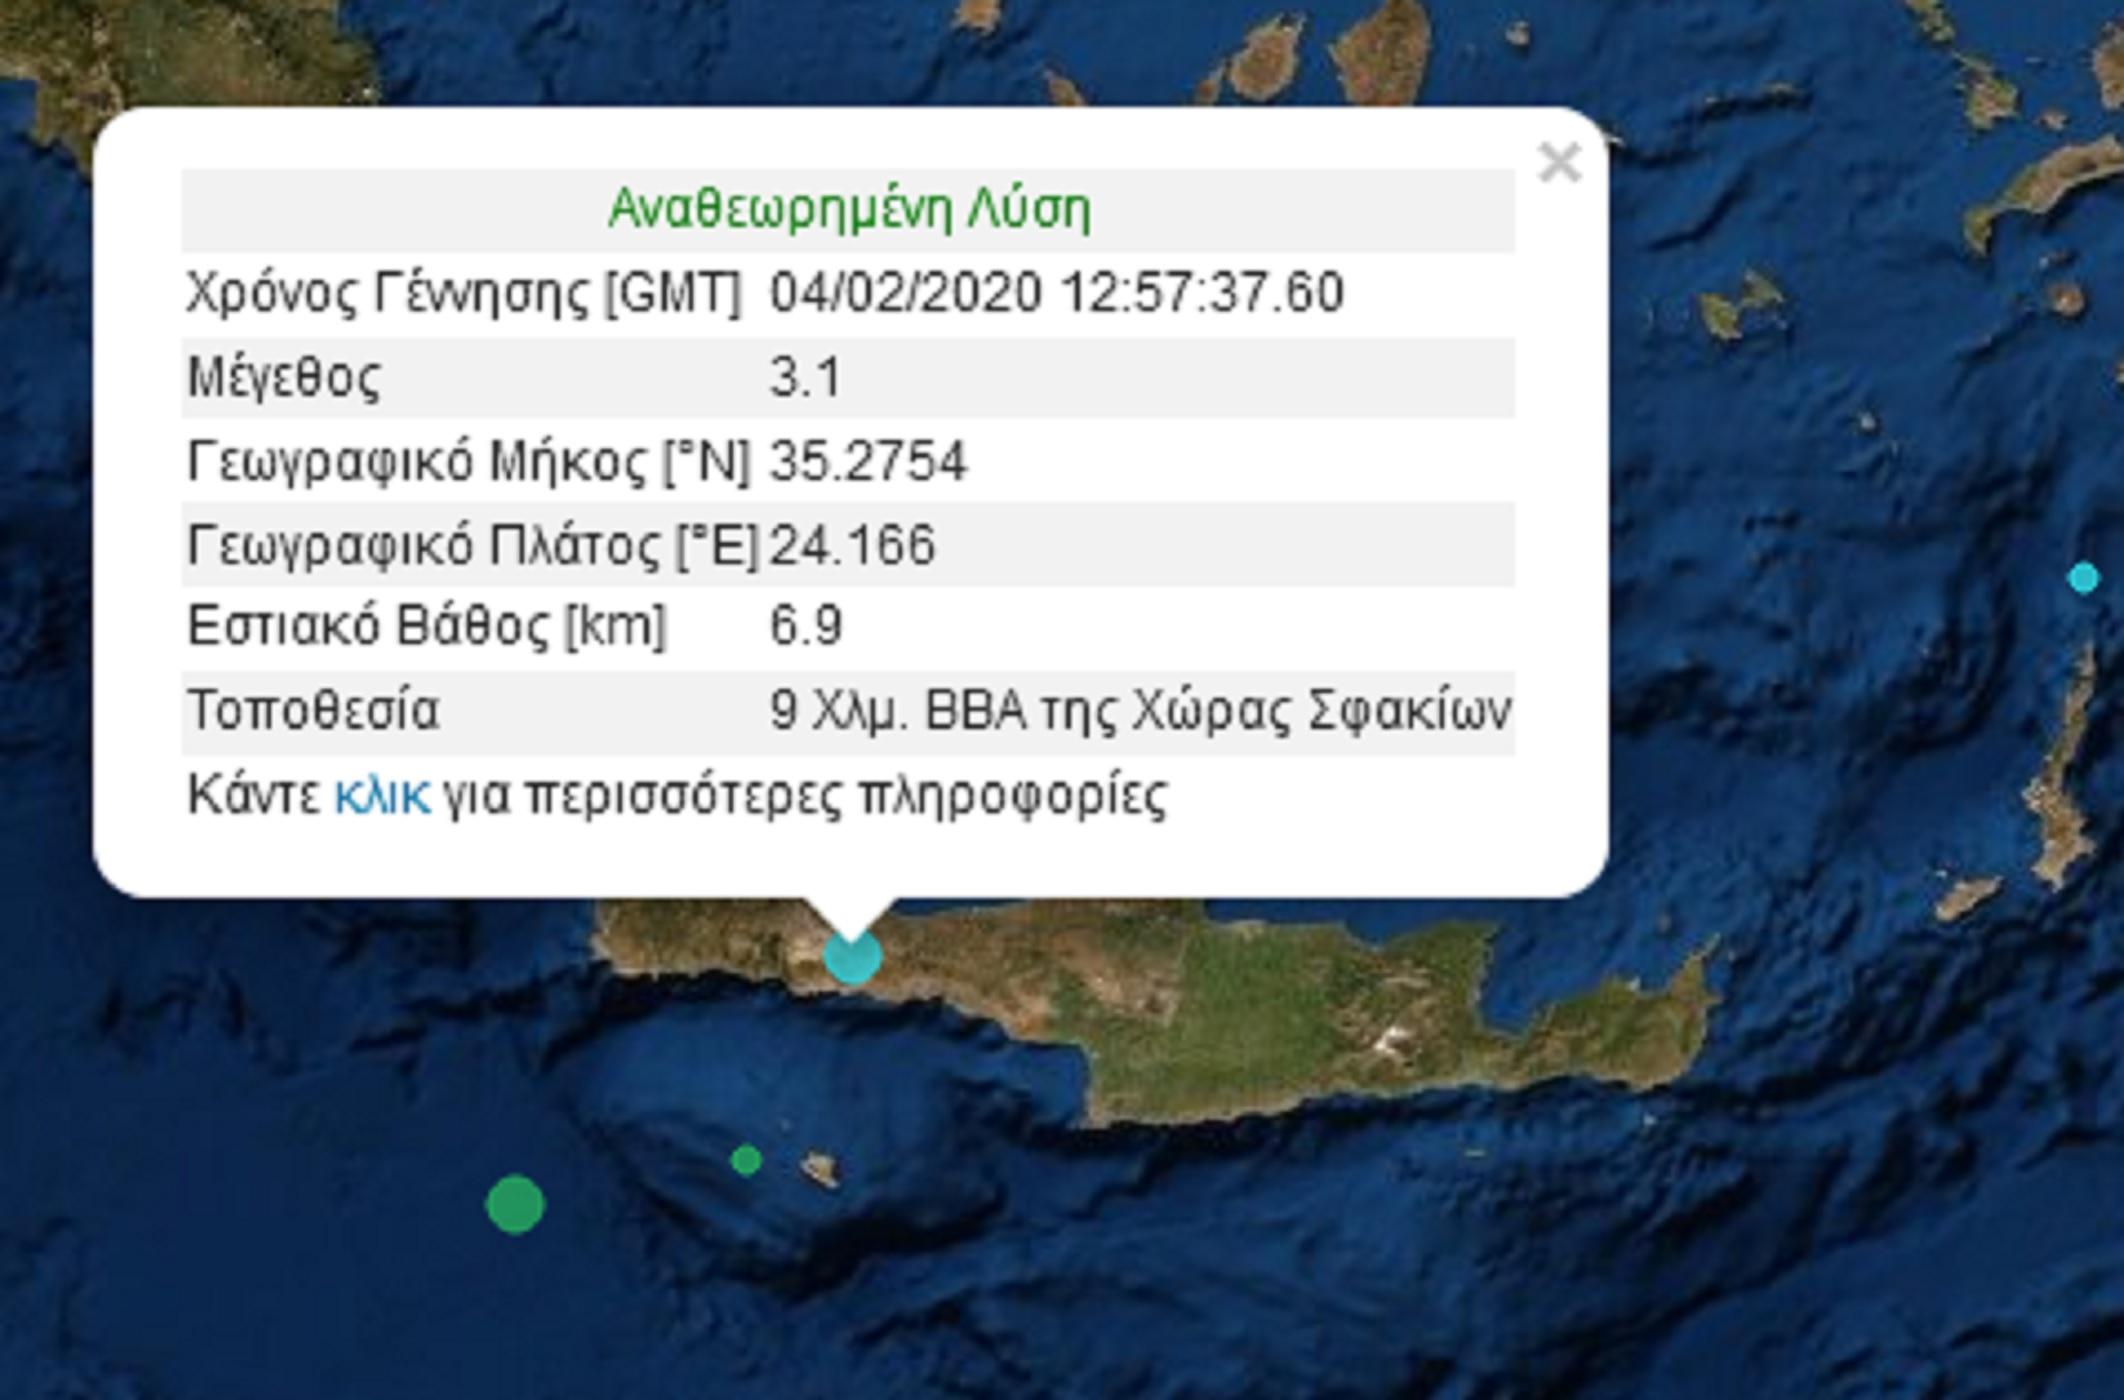 Σεισμός 3,1 Ρίχτερ στα Σφακιά